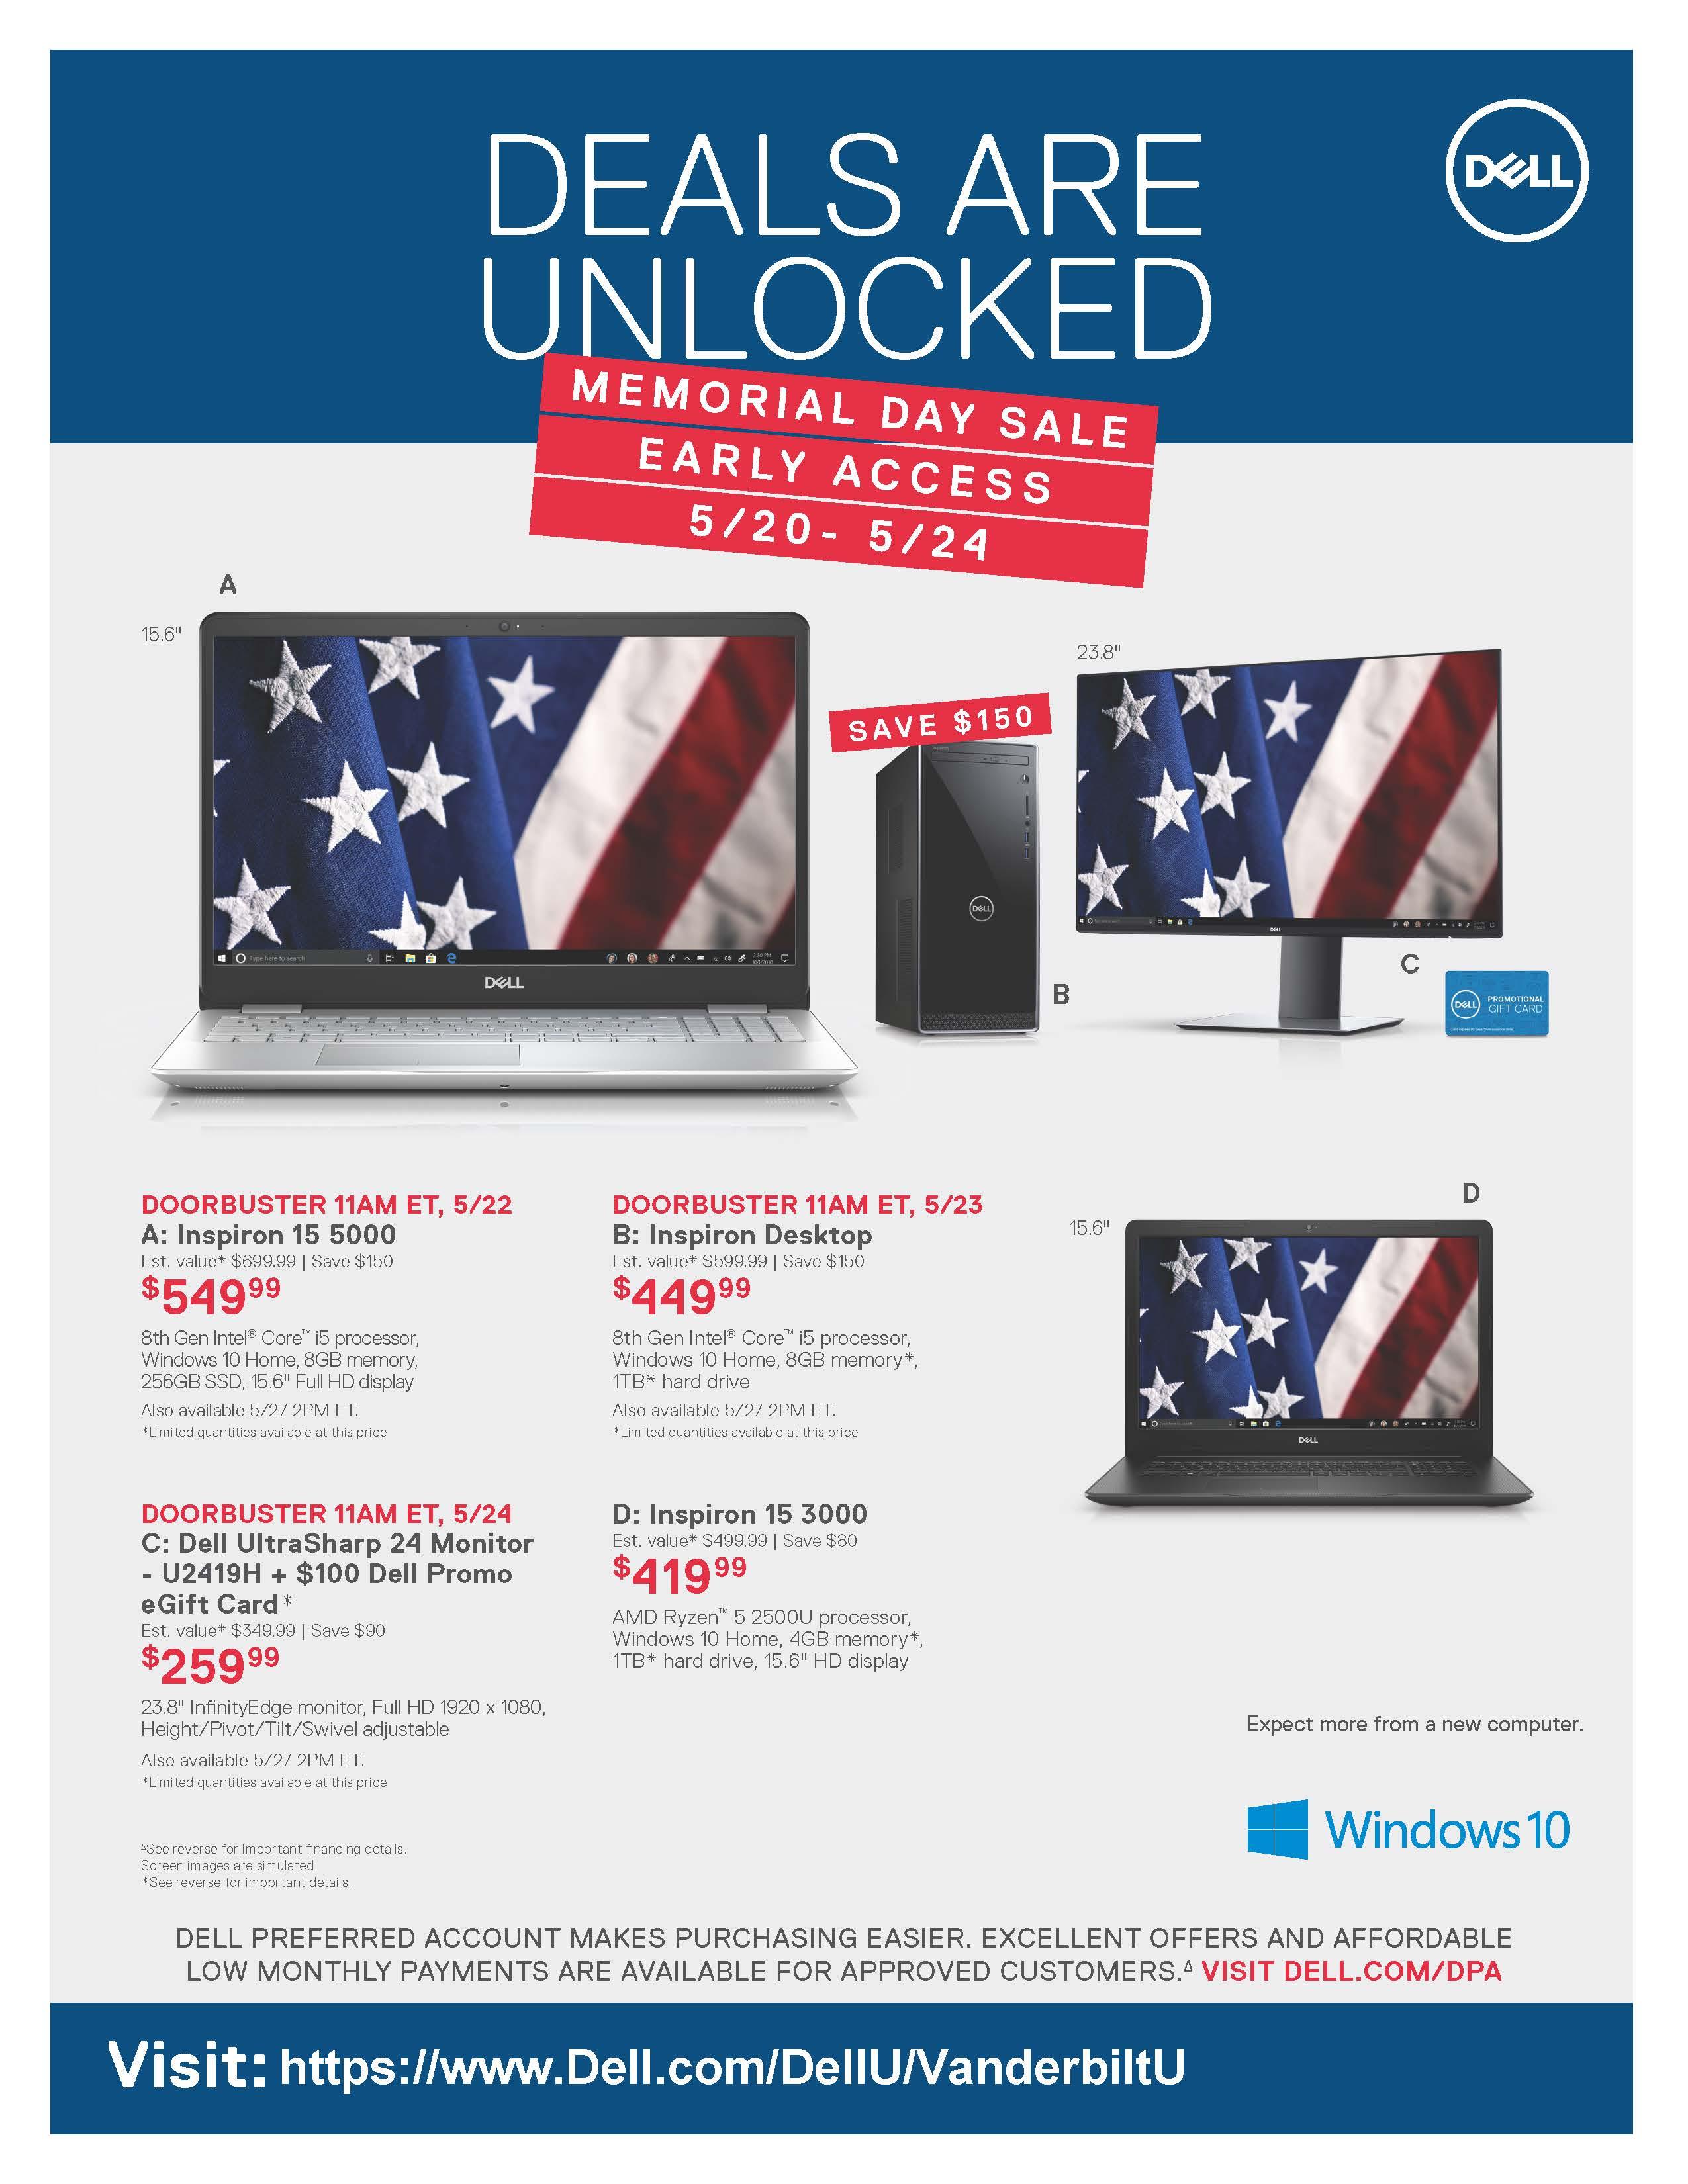 PCs Weekend Sale